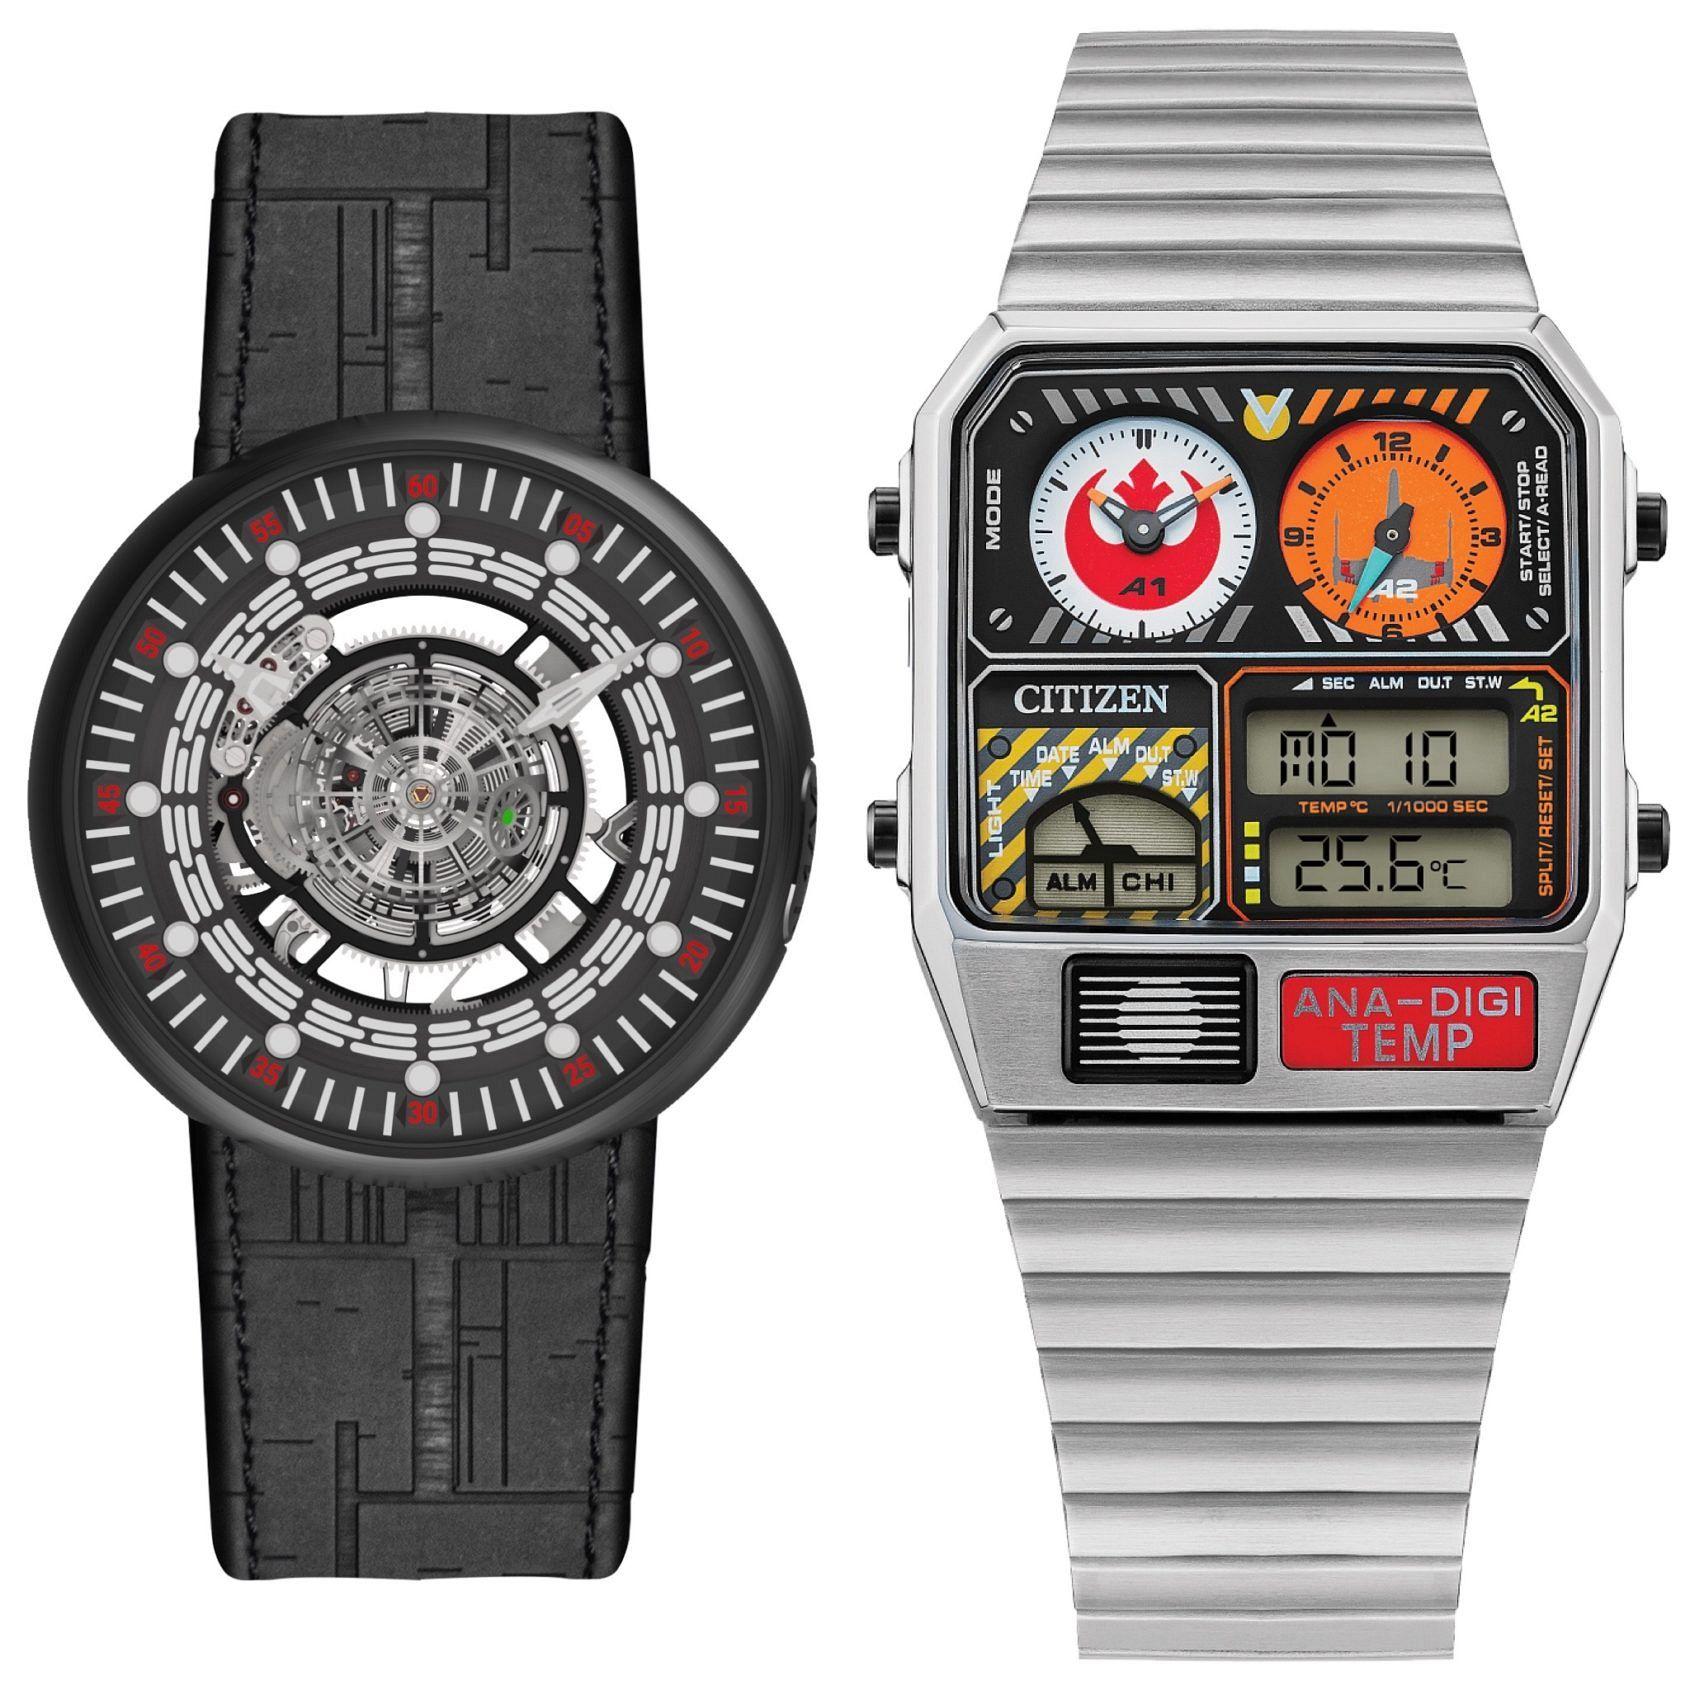 Star Wars Watches